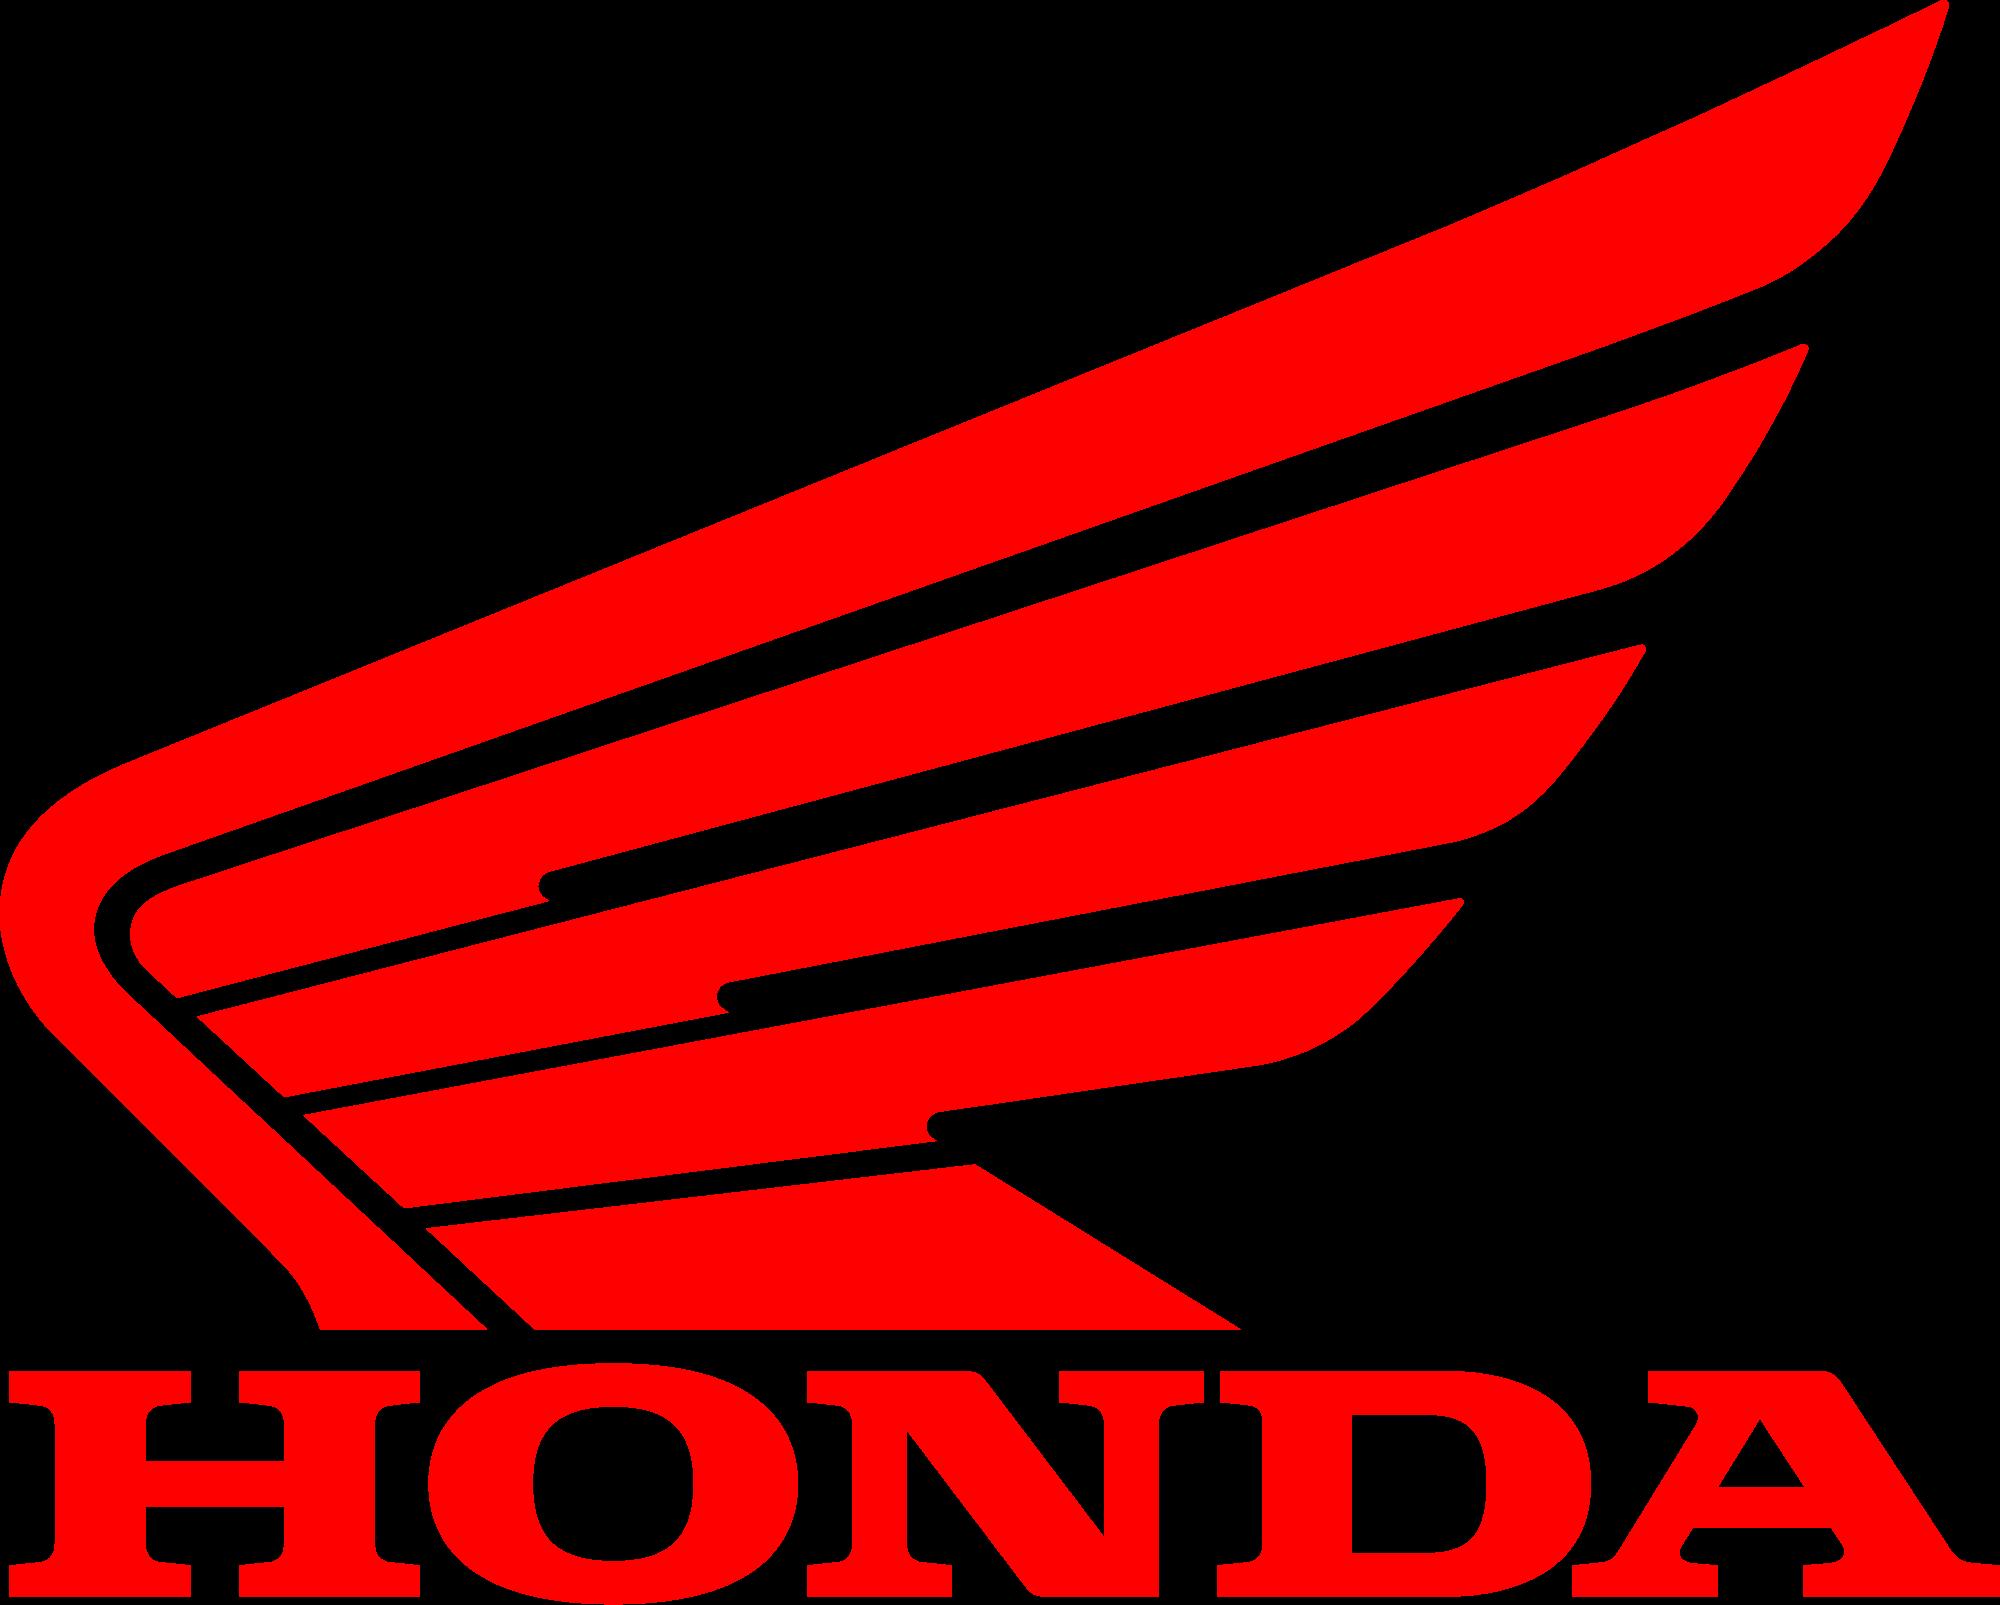 honda-logo-5.png